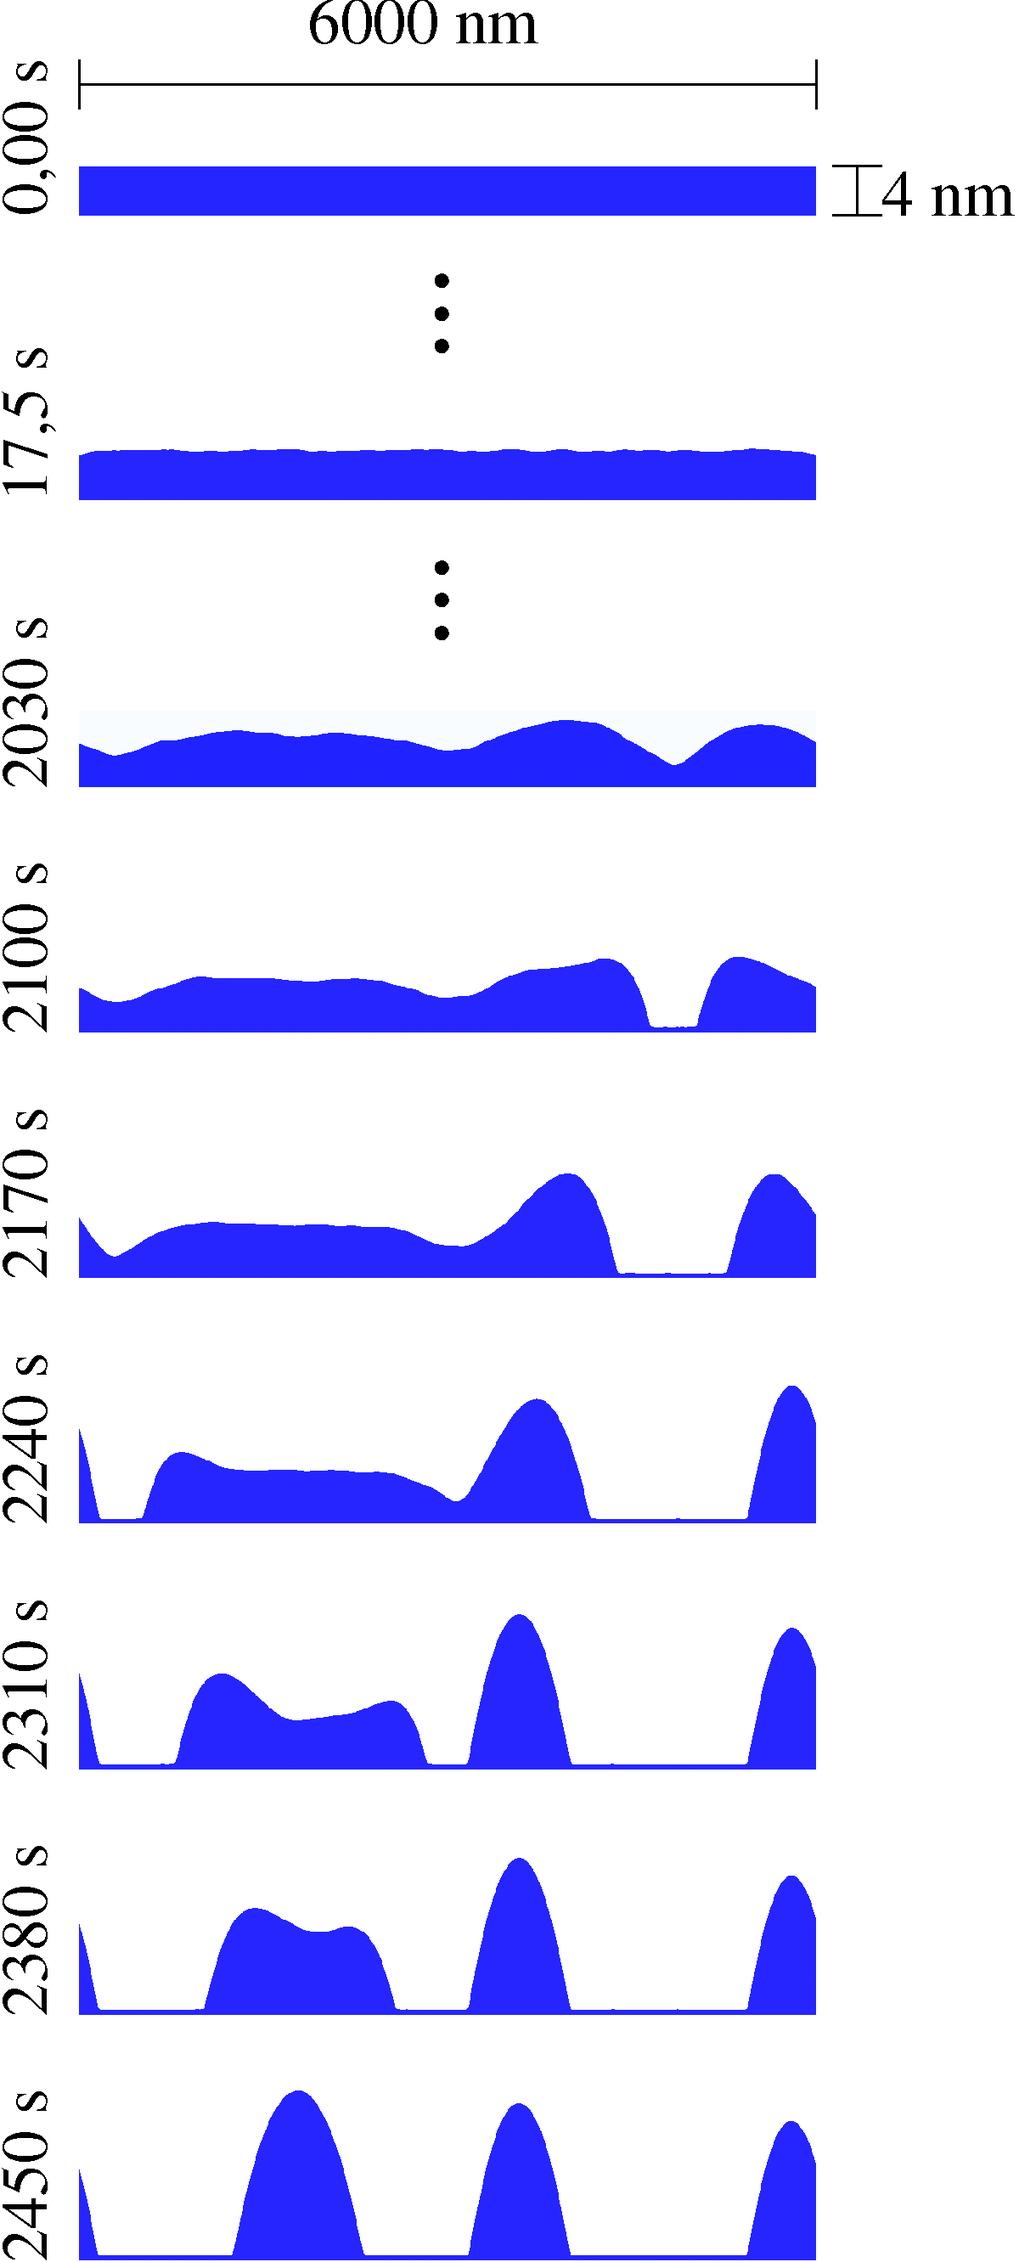 Numerische Simulation eines auf Silizium entnetzenden Polystyrolfilms (eindimensional). Ausgehend von einem glatten Film erzeugen thermische Fluktuati